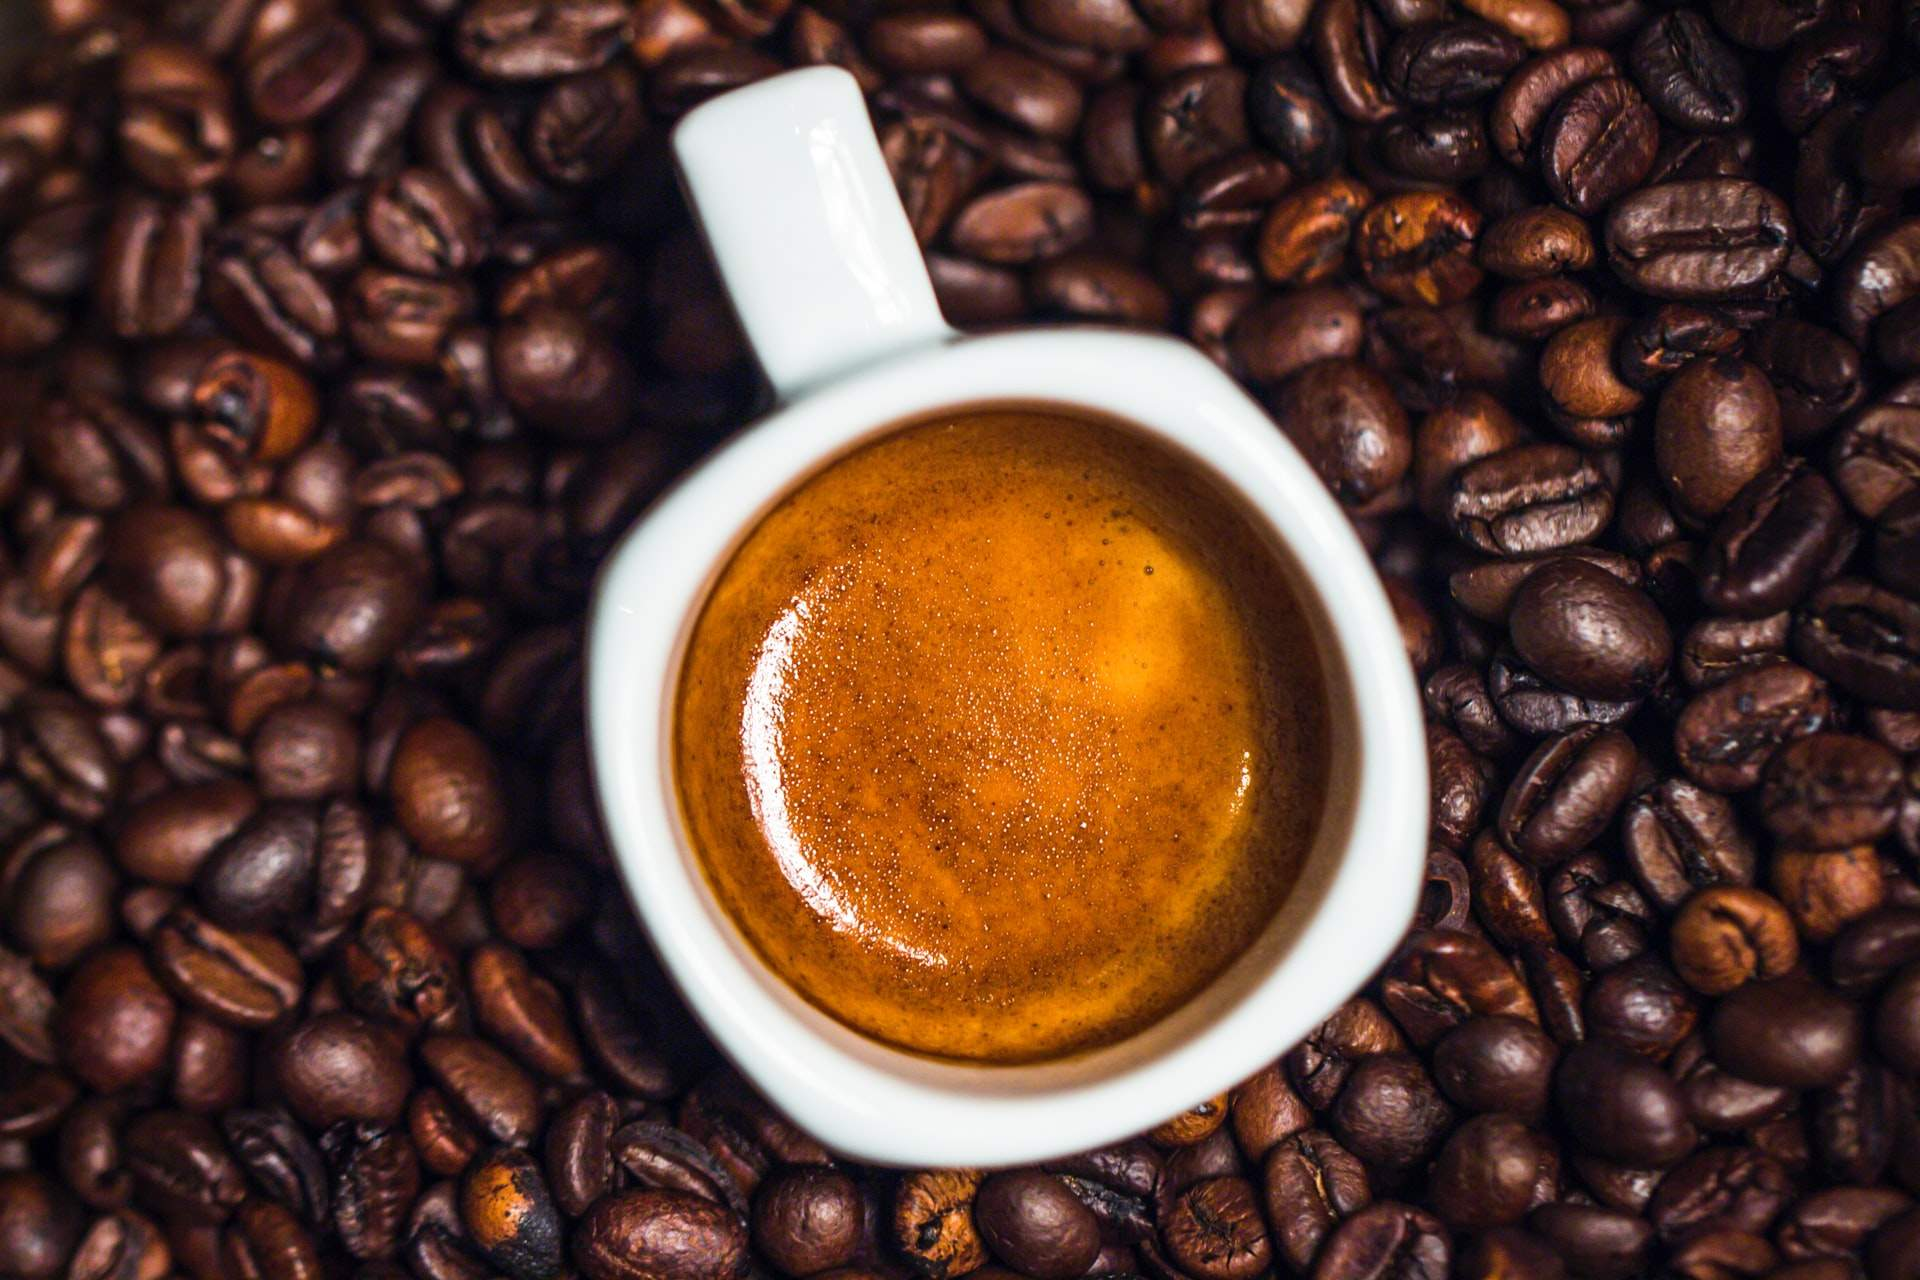 Кава може викликати розлад шлунка